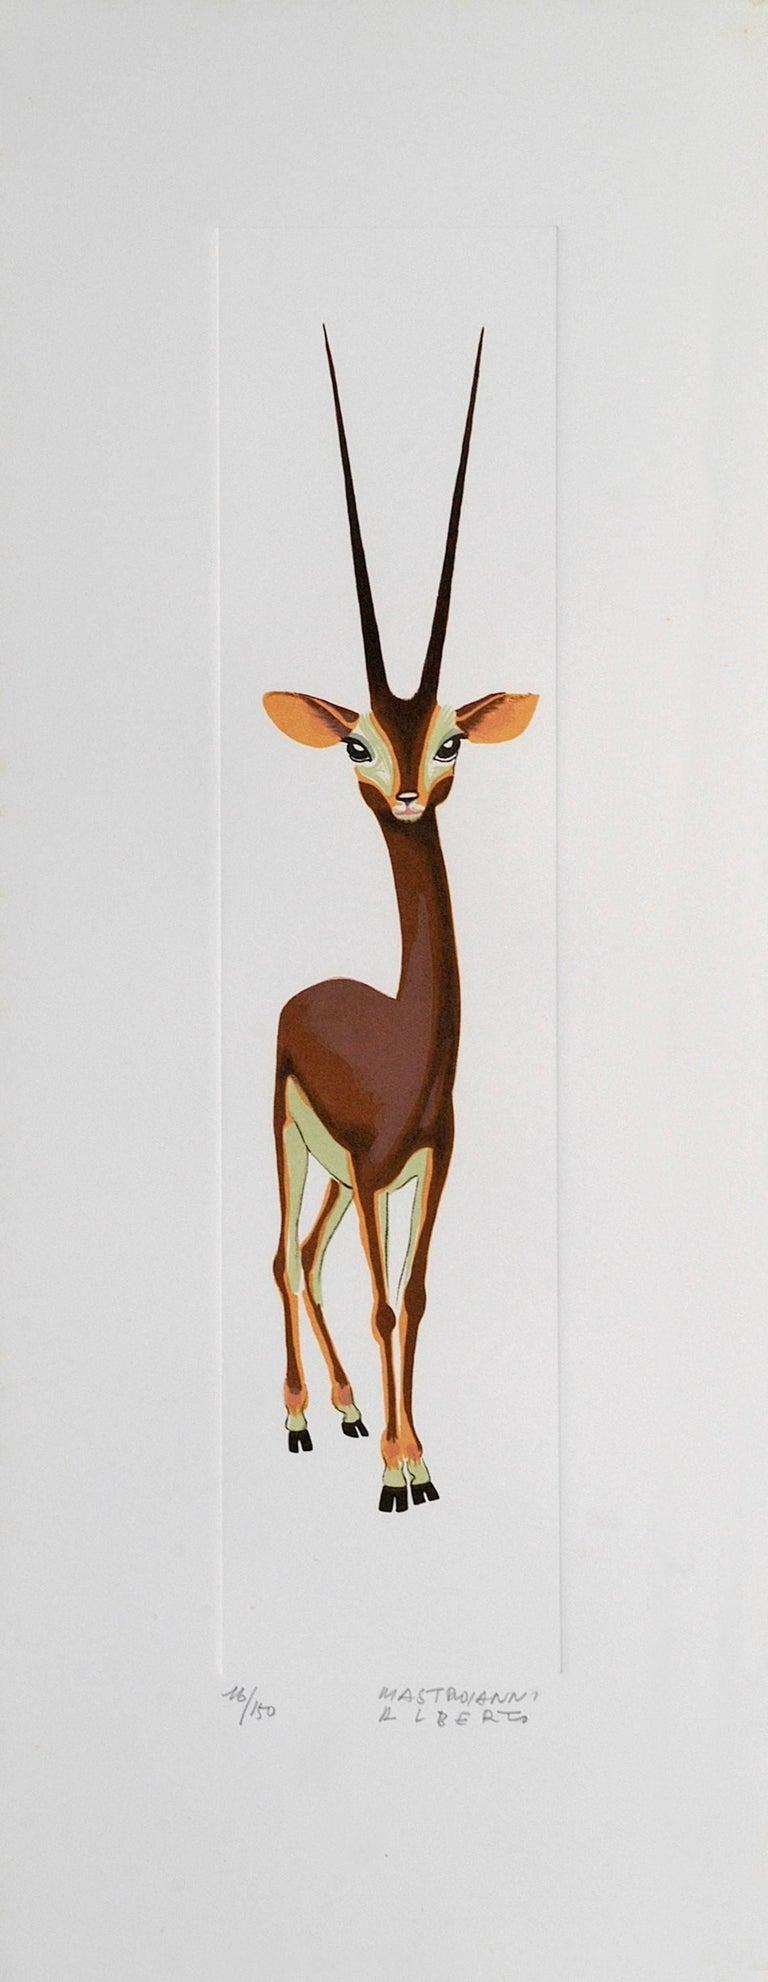 Alberto Mastroianni Figurative Print - Gazelle - Original Lithograph by A. Mastroianni - 1970s